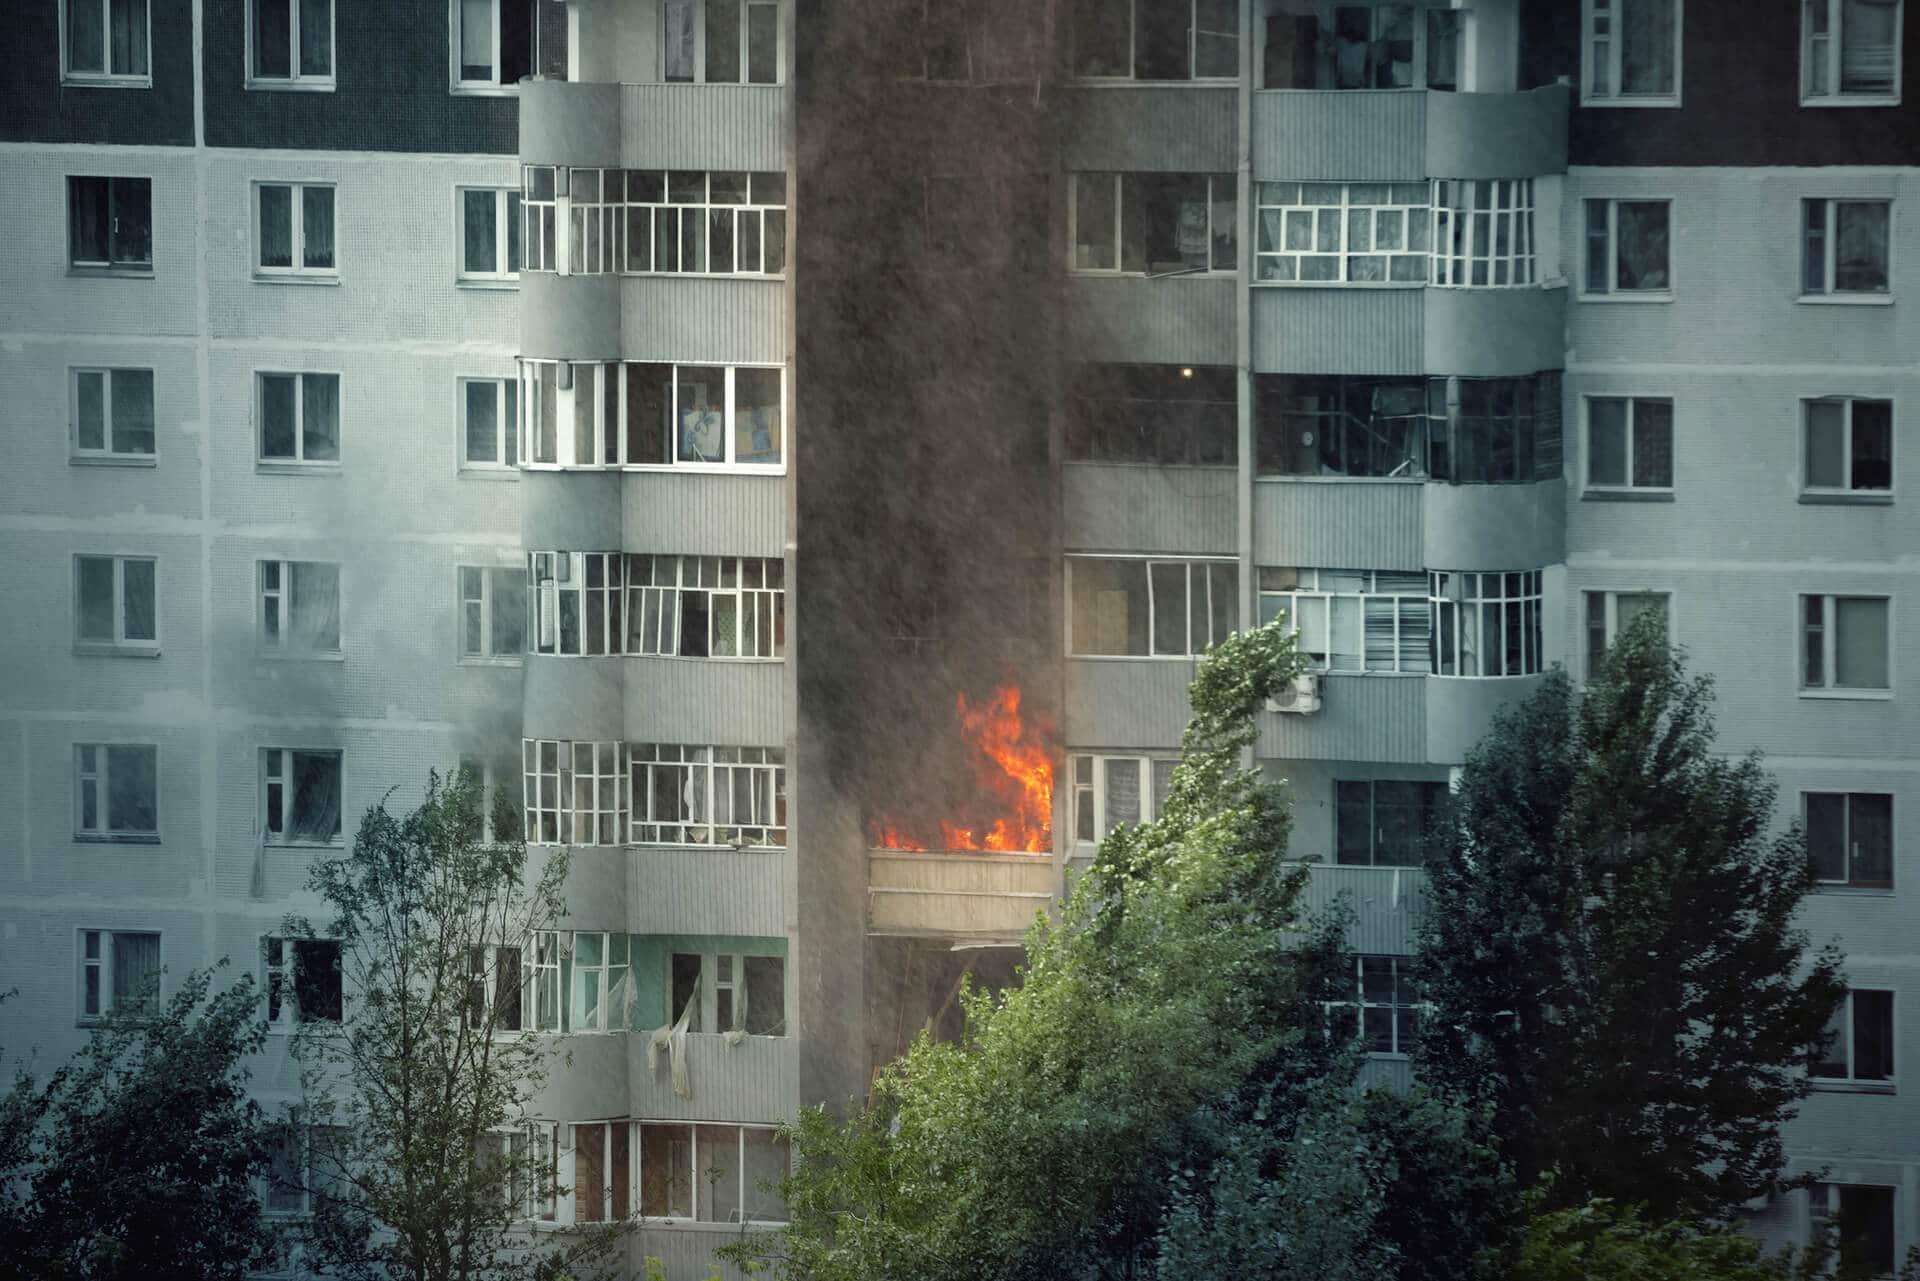 Incendie dans un immeuble, que se passe-t-il pour les locataires?